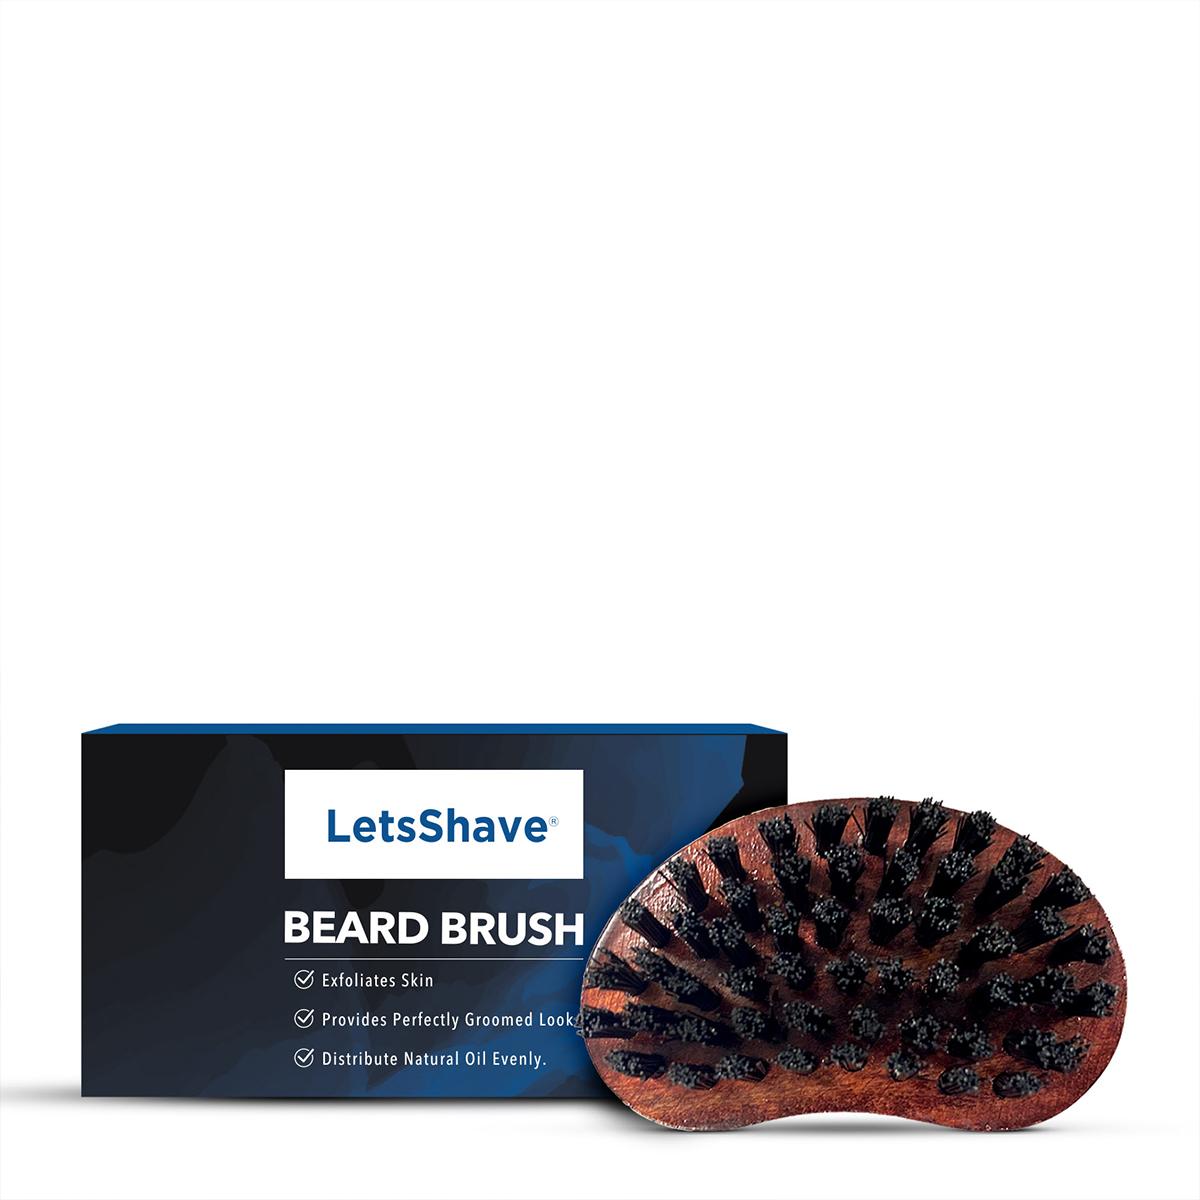 LetsShave | LetsShave Beard Brush